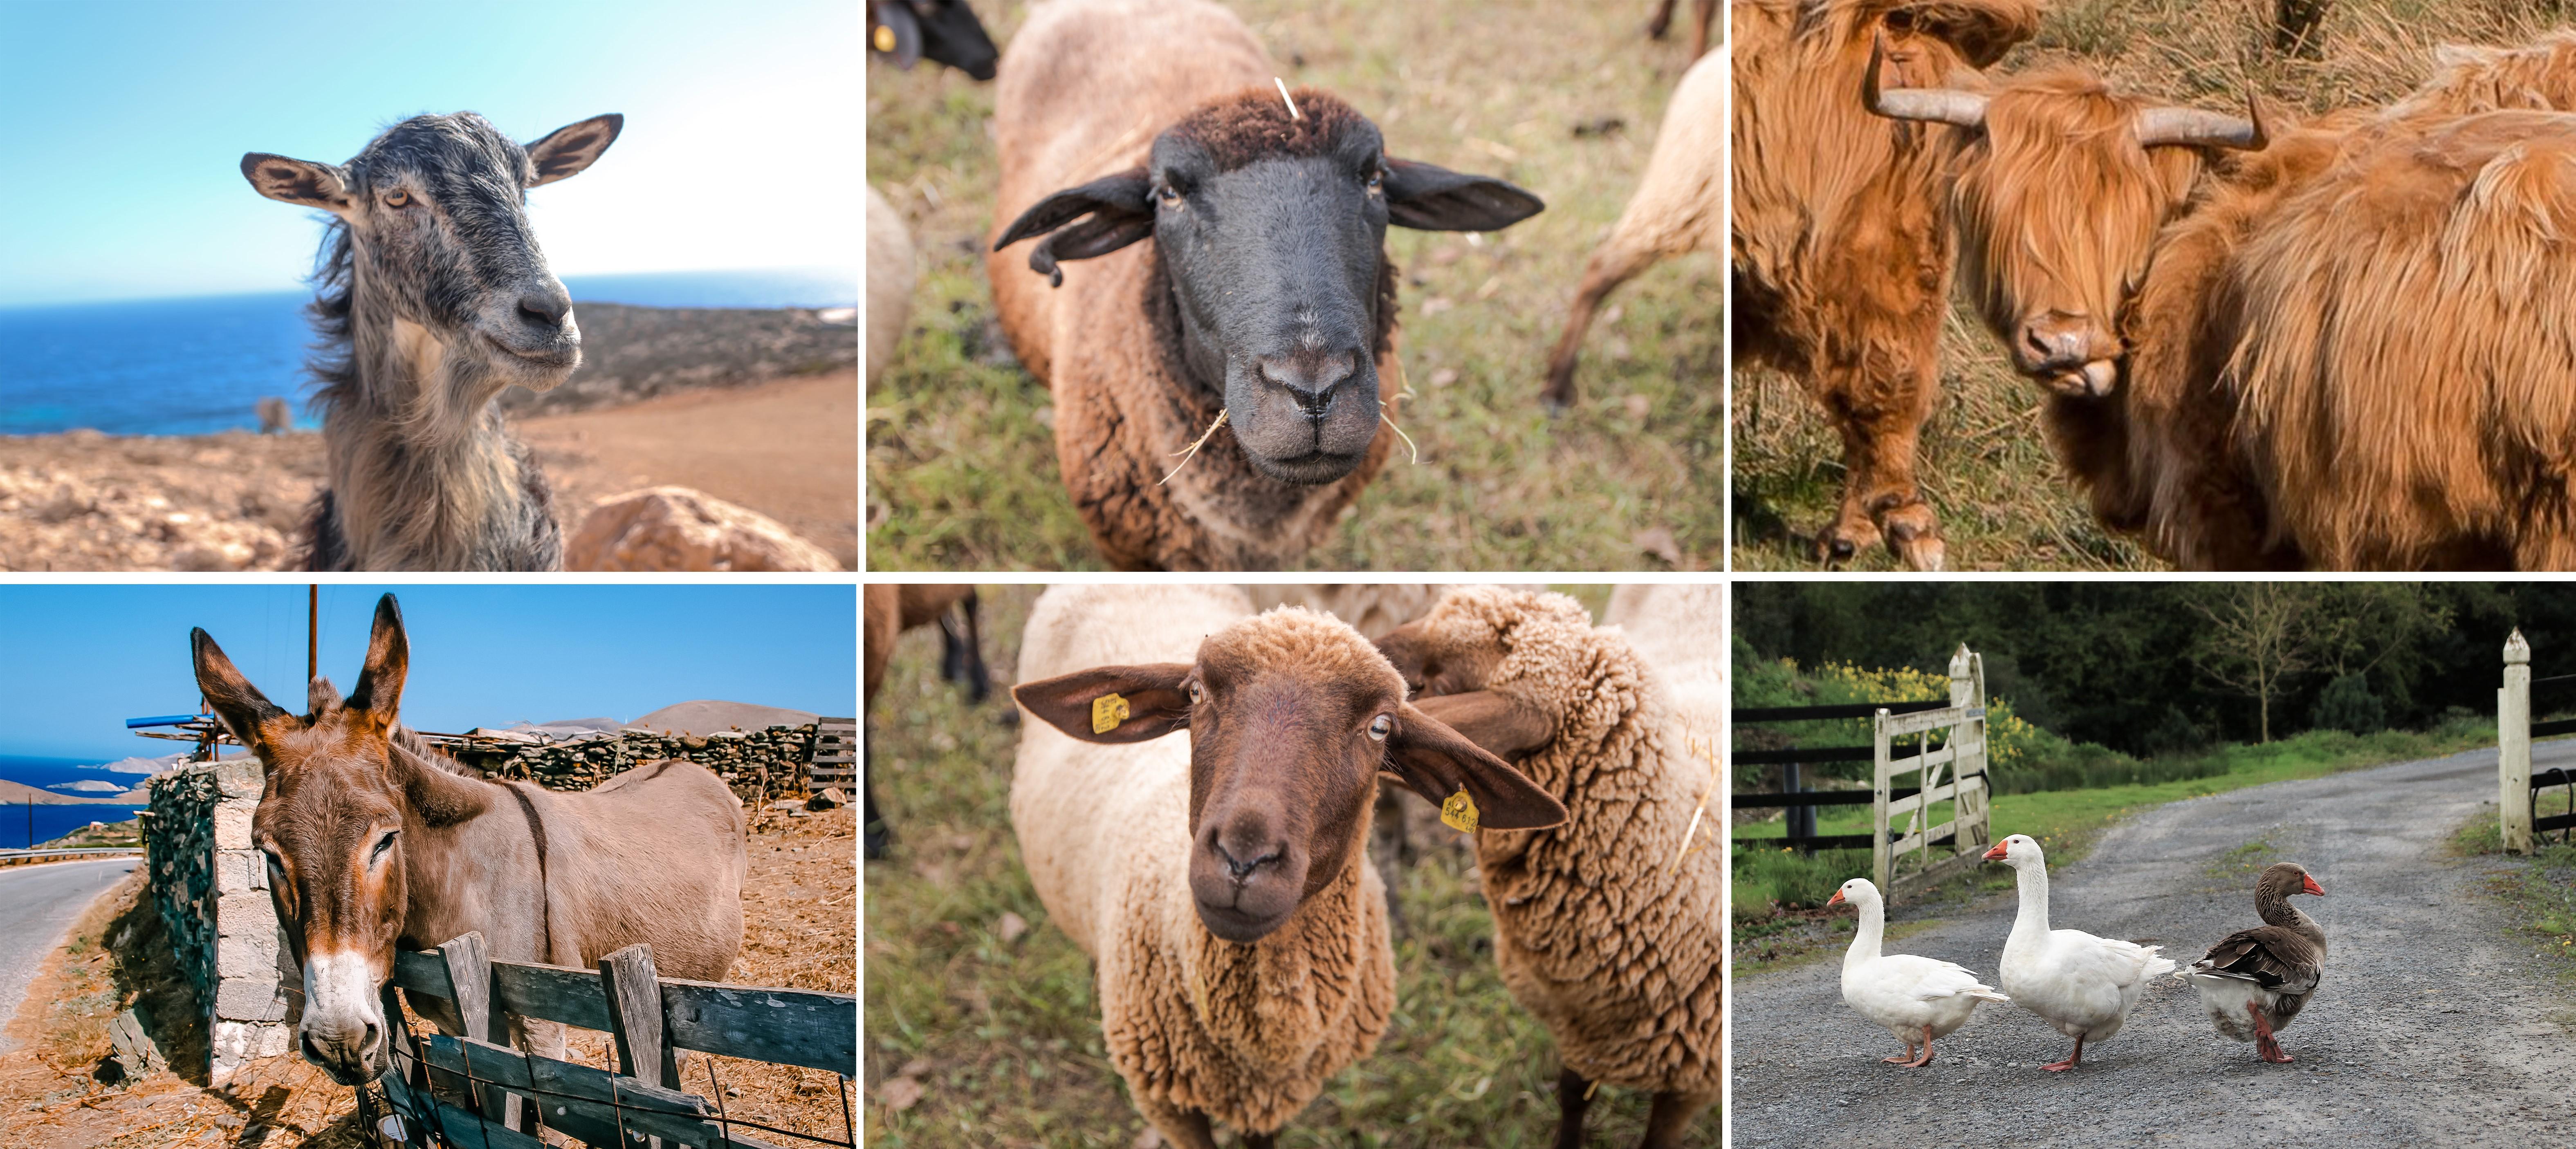 Tiere, - Schafe, Ziege, Hochlandrind, Gänse,Pferd. Sie haben Gefühle und möchten wie wir ein glückliches Leben haben - pro vegan